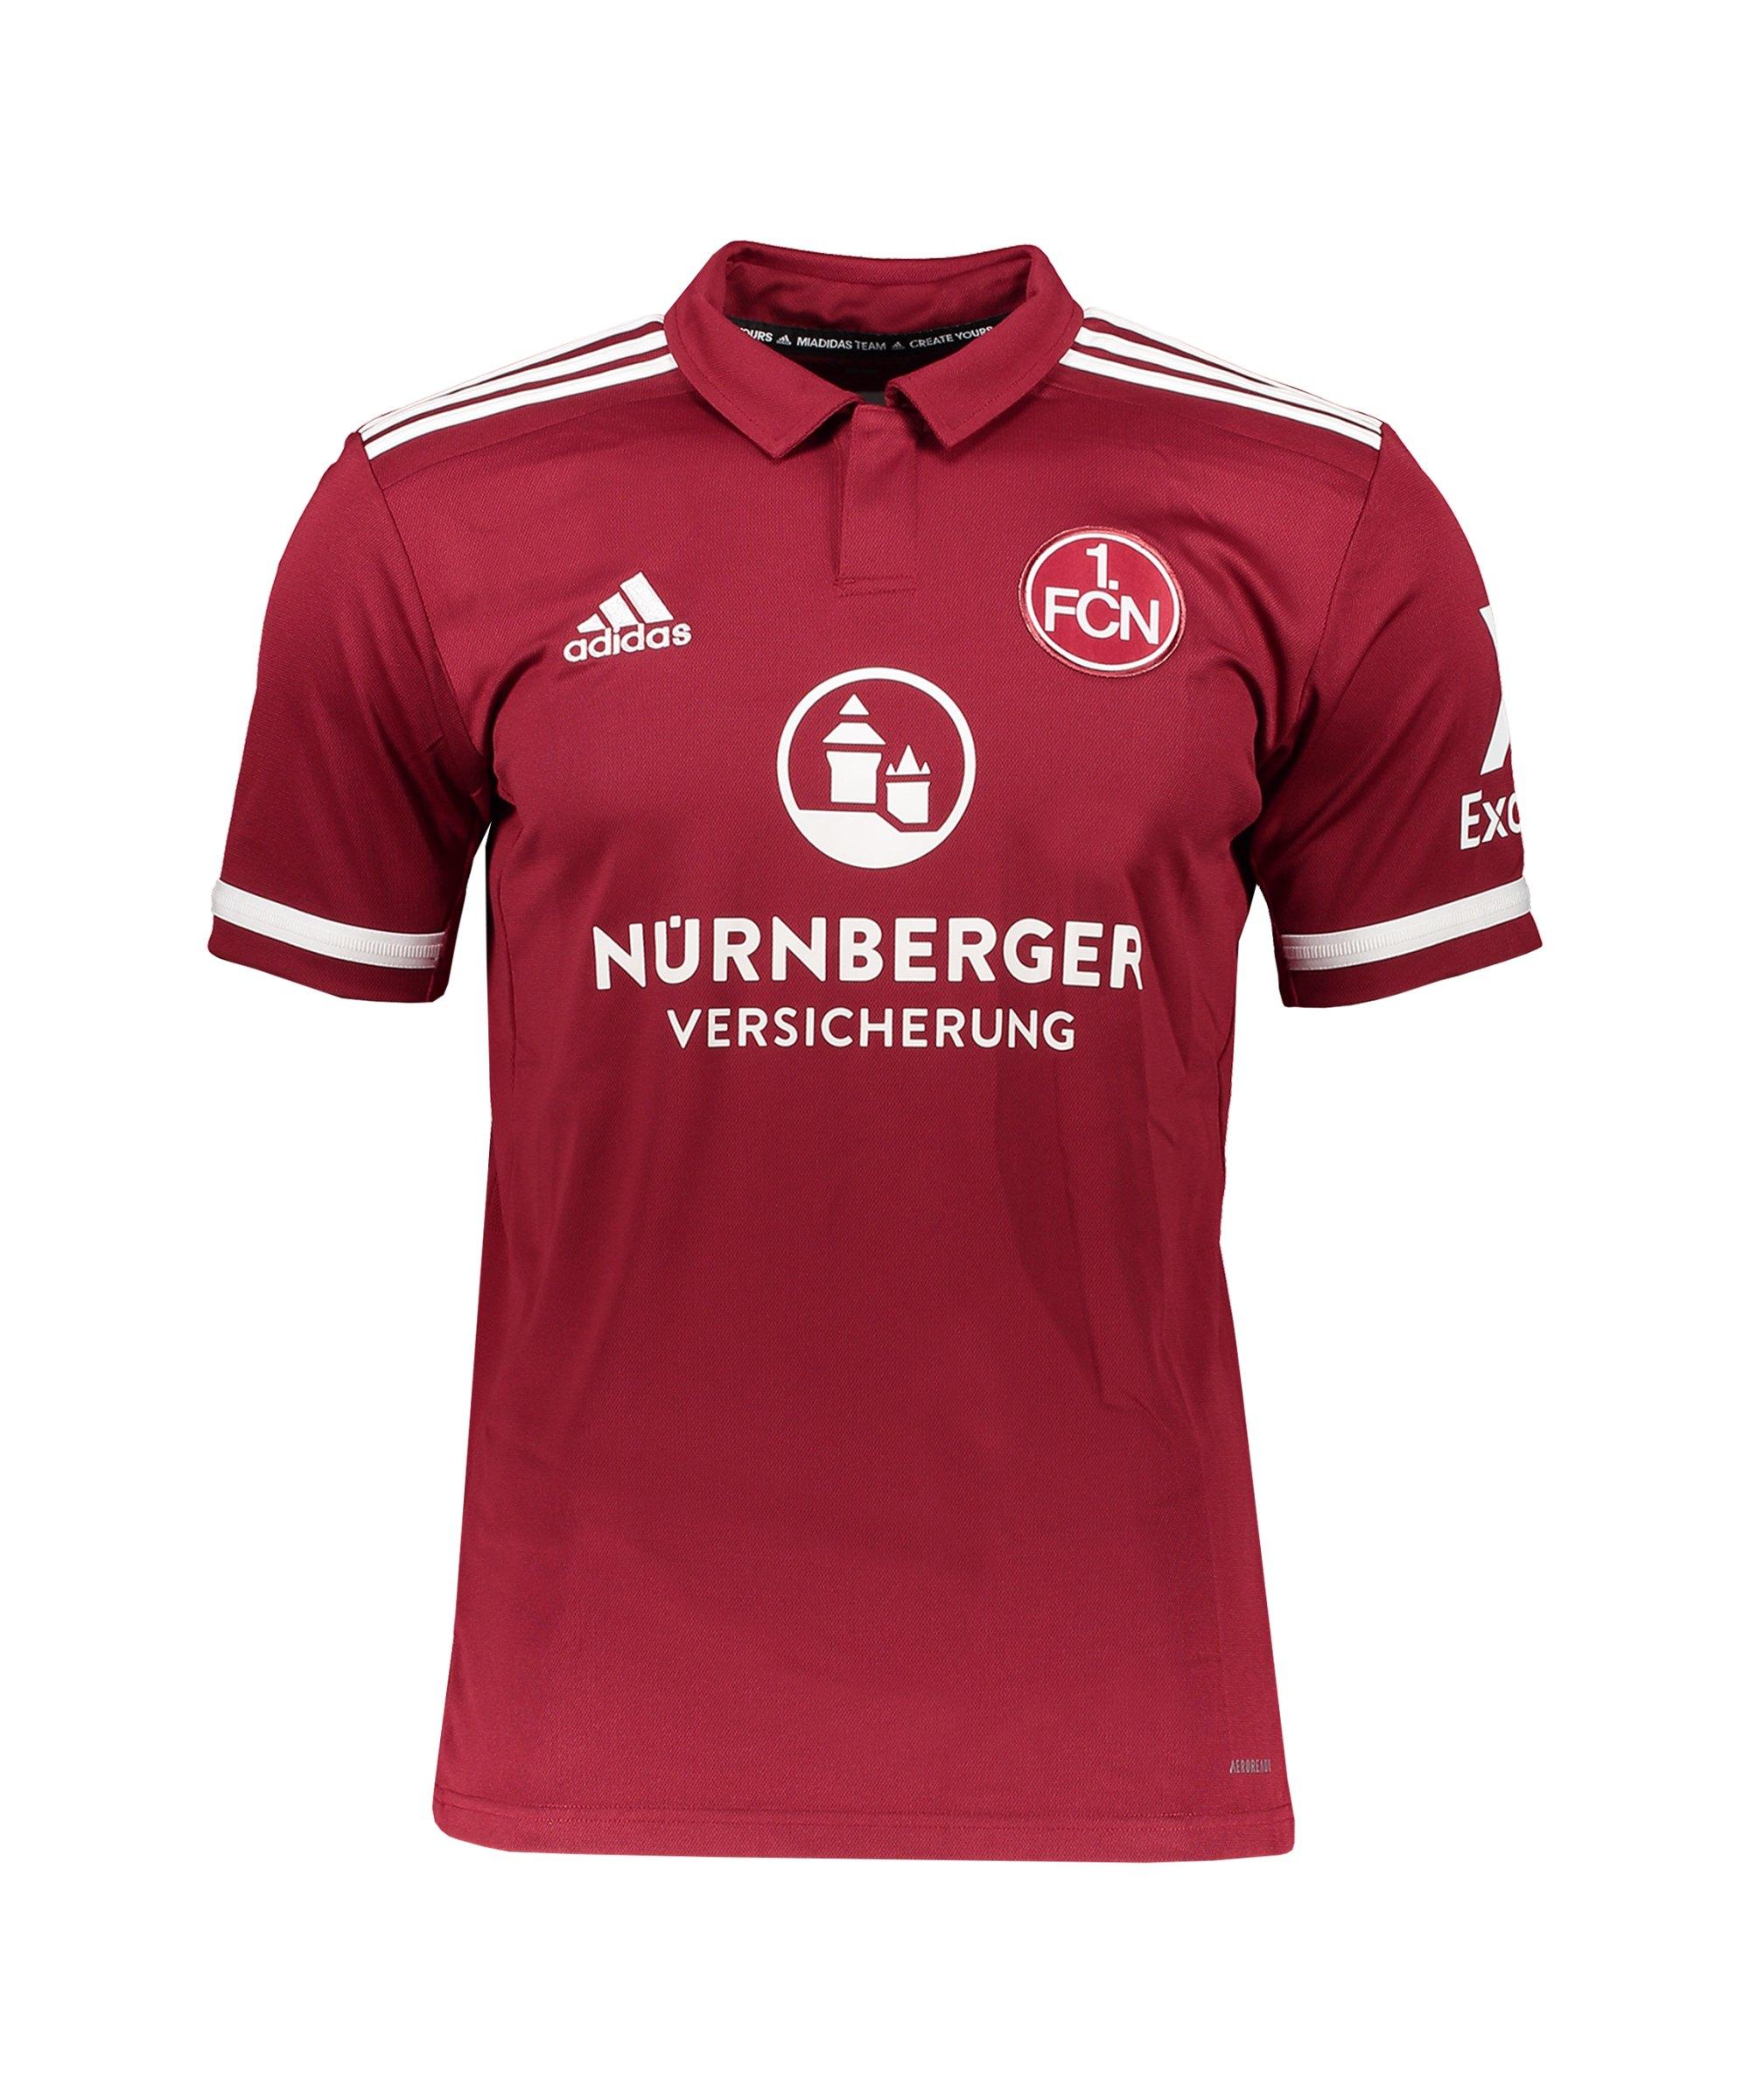 adidas 1. FC Nürnberg Trikot Home 2021/2022 Kids - rot